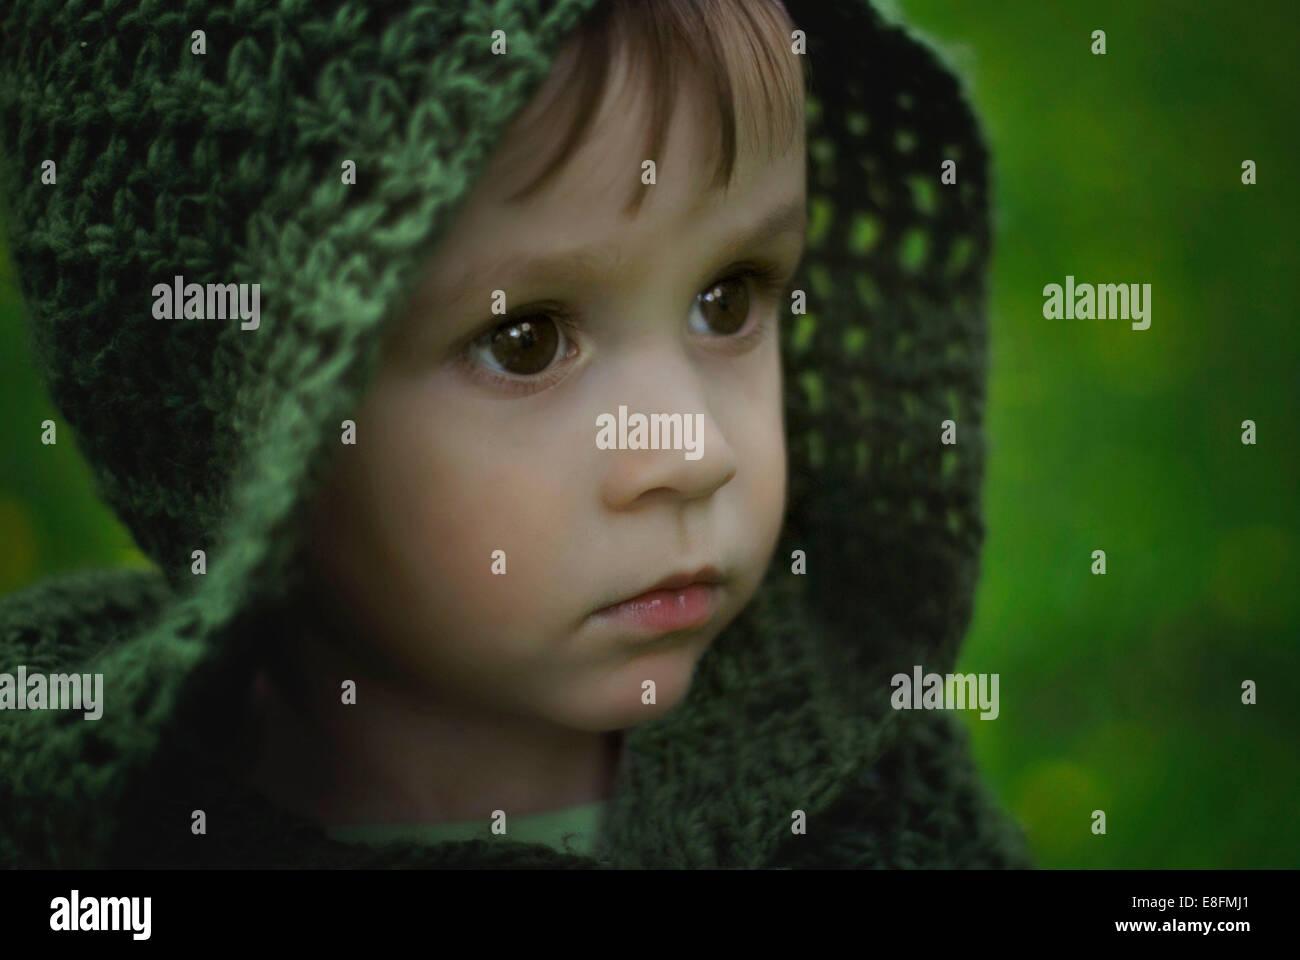 Porträt eines Jungen mit grüner Kapuze, Polen Stockfoto